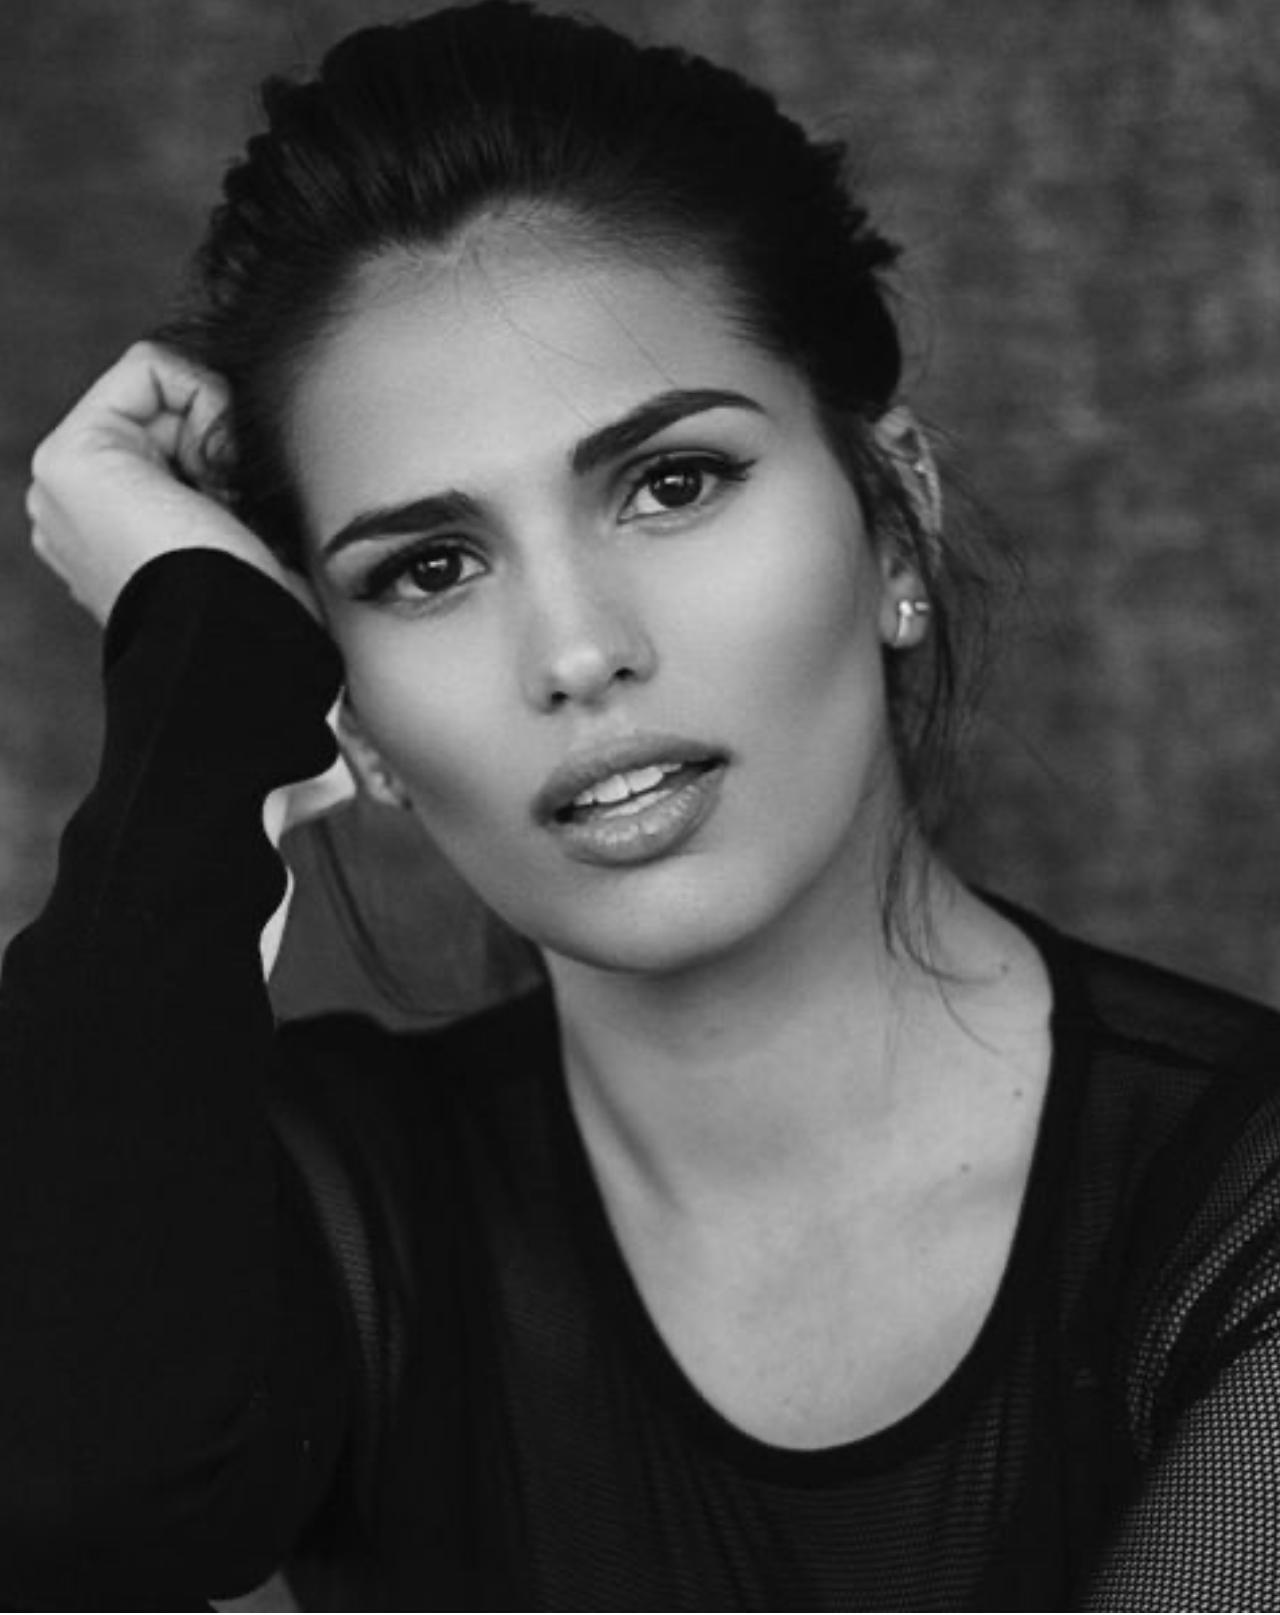 Сара Саламо — возлюбленная полузащитника мадридского «Реала» Иско